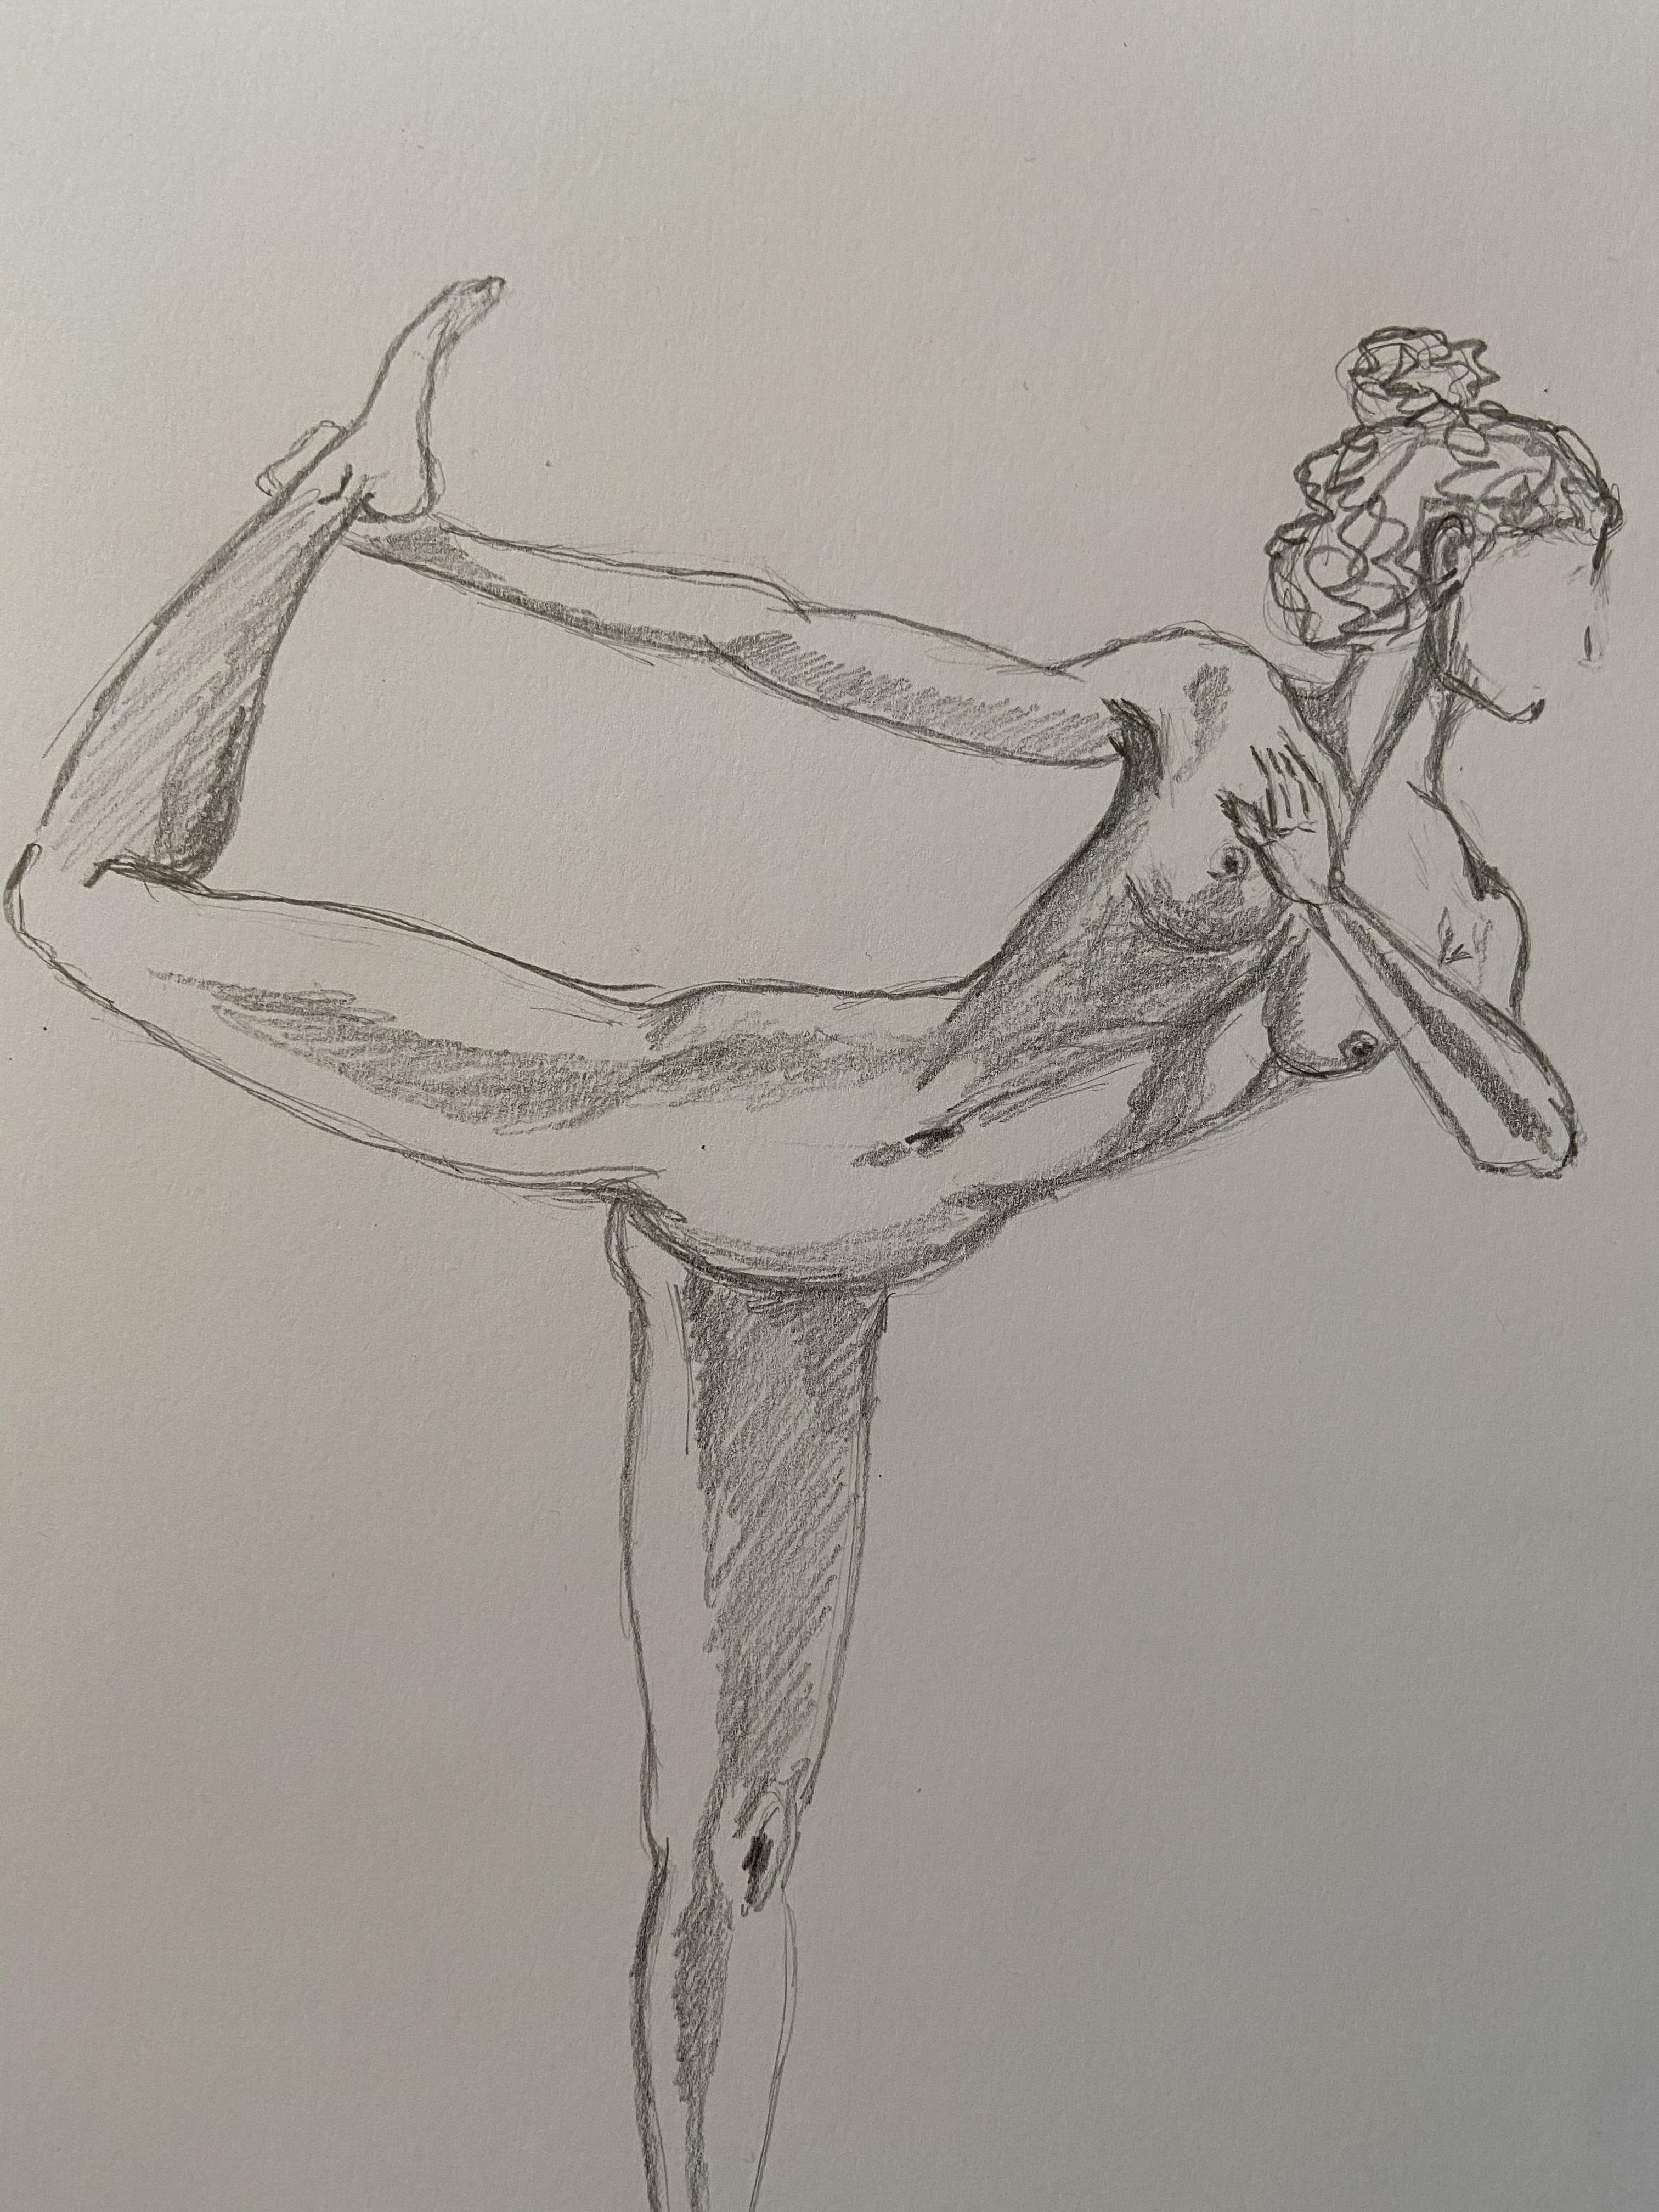 Dessin valeurs au graphite sur papier gris danseuses nu  cours de dessin